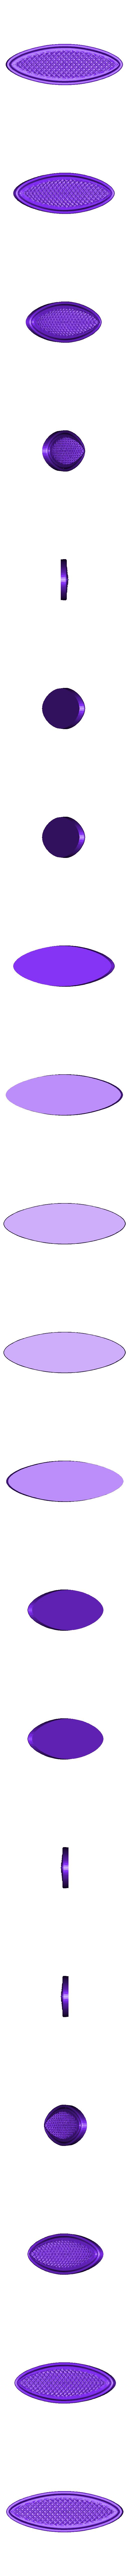 Rubber-TPU.STL Télécharger fichier STL gratuit Outil de ponçage 2 • Objet pour impression 3D, perinski